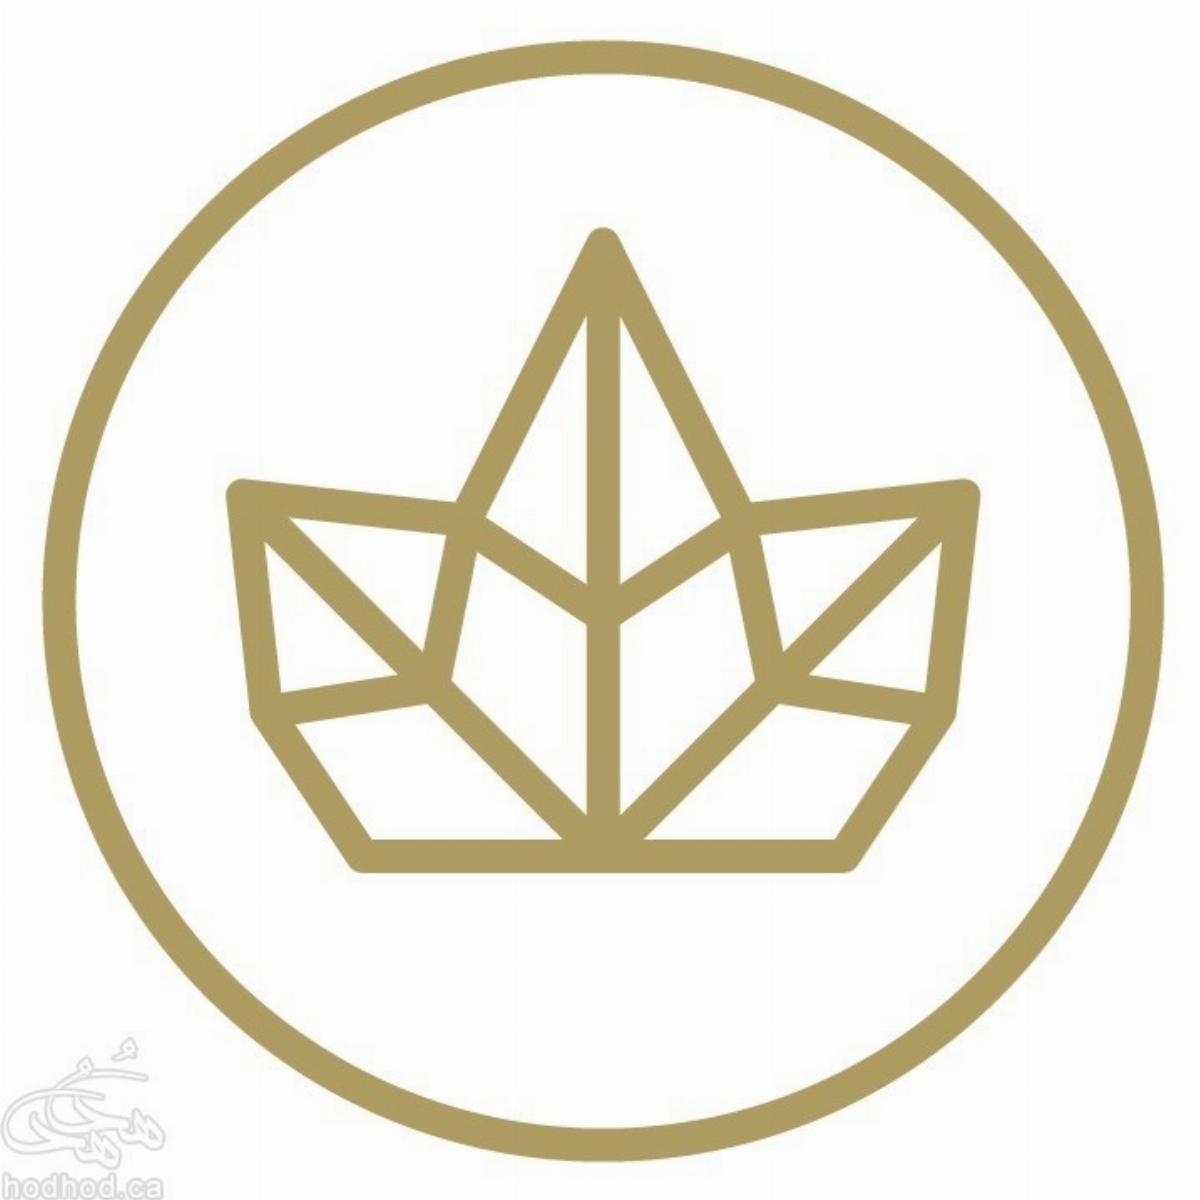 اولین فروشگاه قانونی فروش ماریجوانا در ونکوور